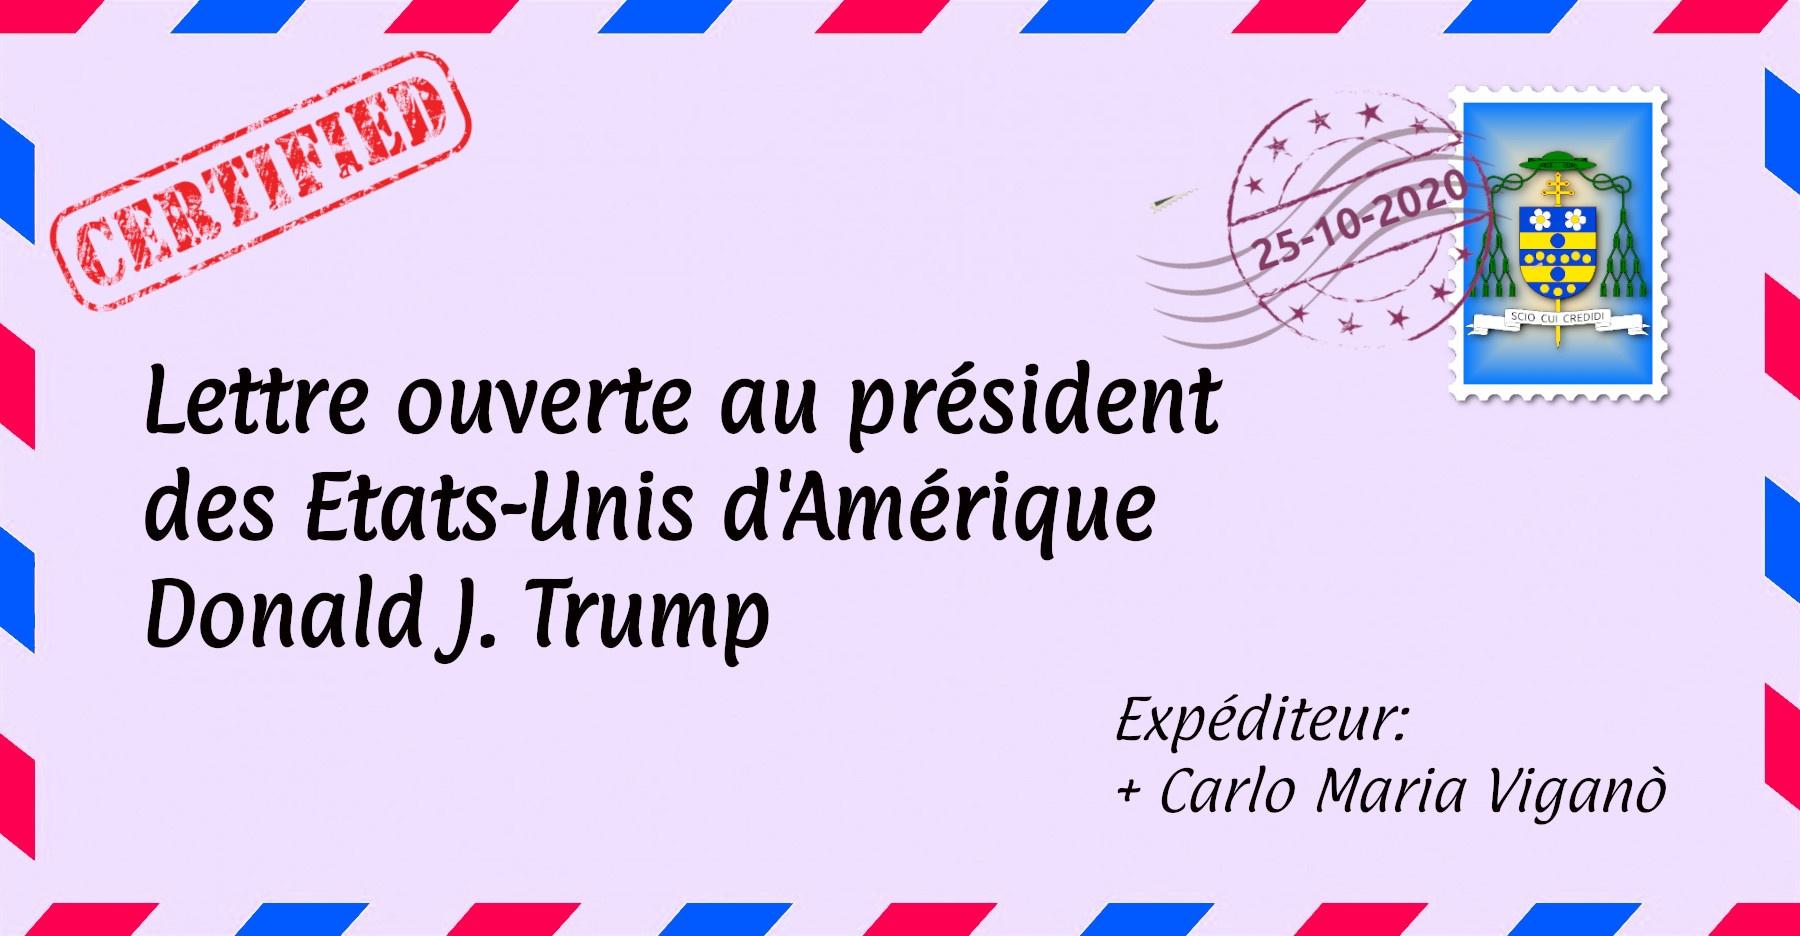 Lettre ouverte au président des États-Unis d'Amérique Donald J. Trump par + Carlo Maria Viganò